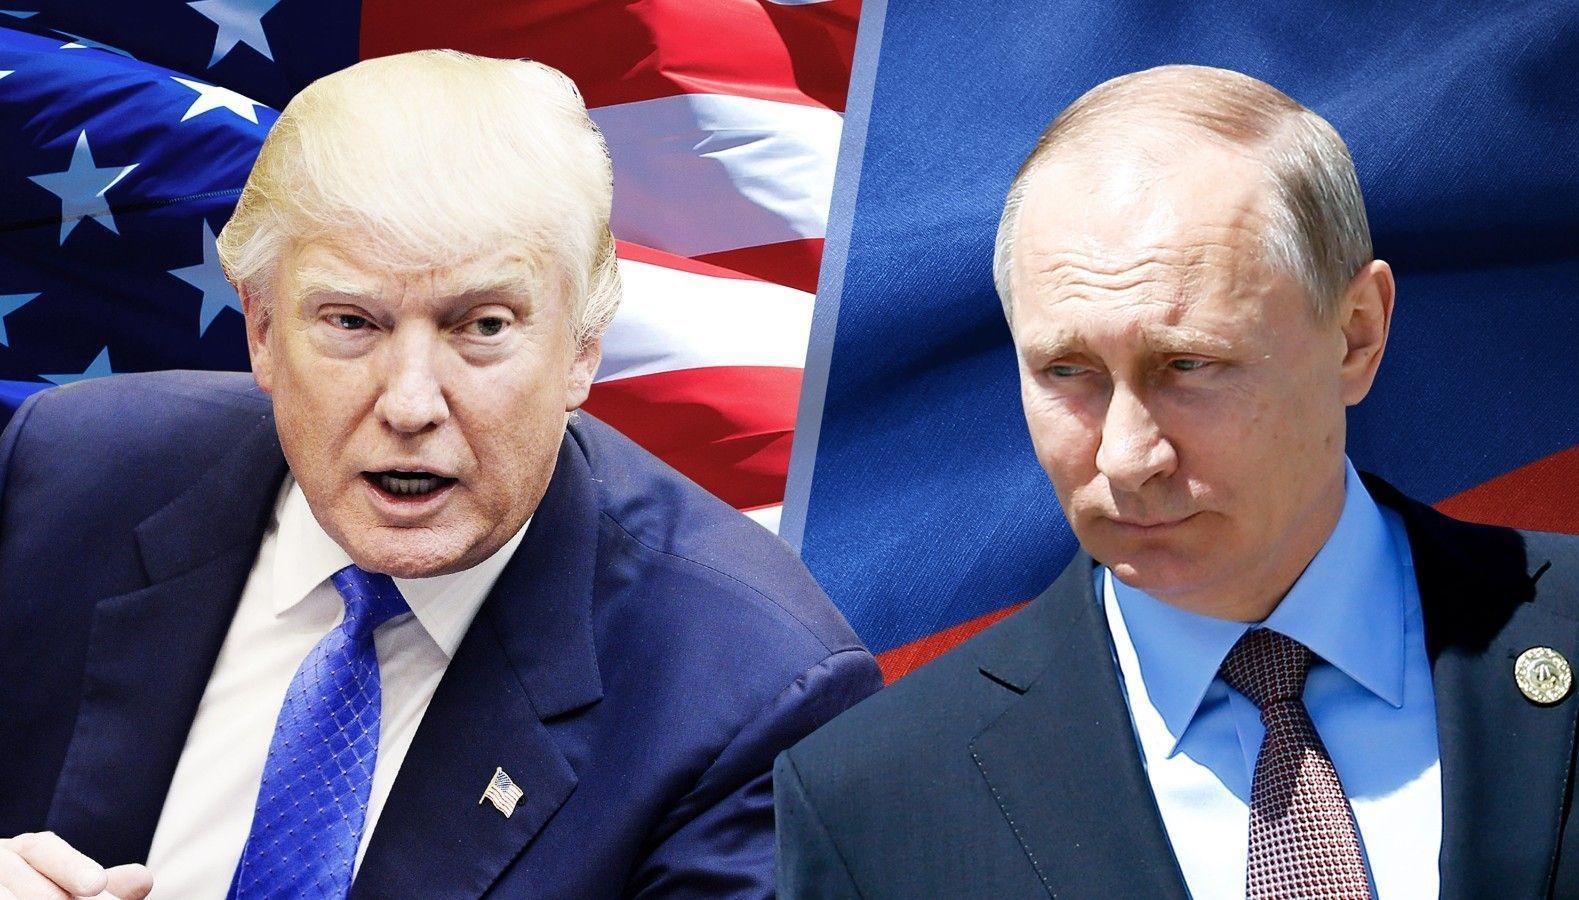 Οι ΗΠΑ μπλοκάρουν τον Πούτιν & το ρωσικό αγωγό «Nord Stream 2» στην Ευρώπη